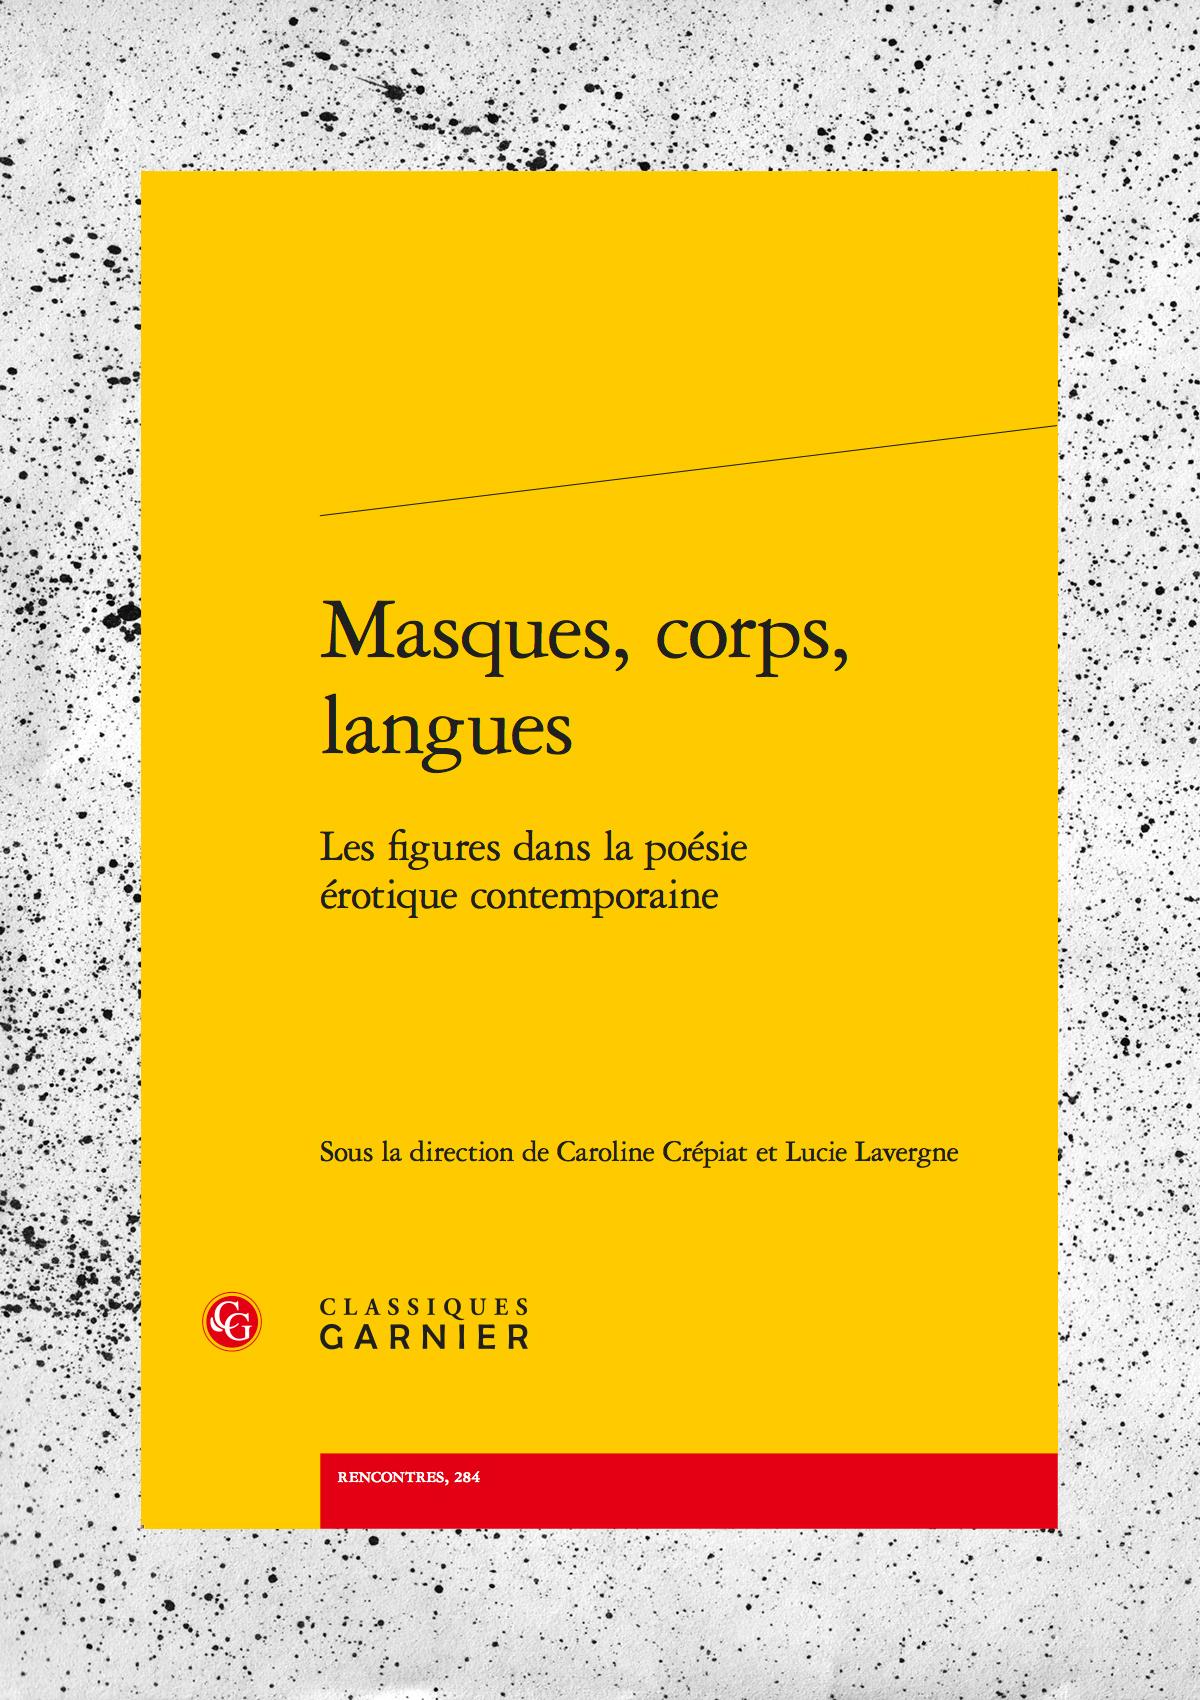 Masques, corps, langues / Les figures dans la poésie érotique contemporaine, éditions Classiques Garnier